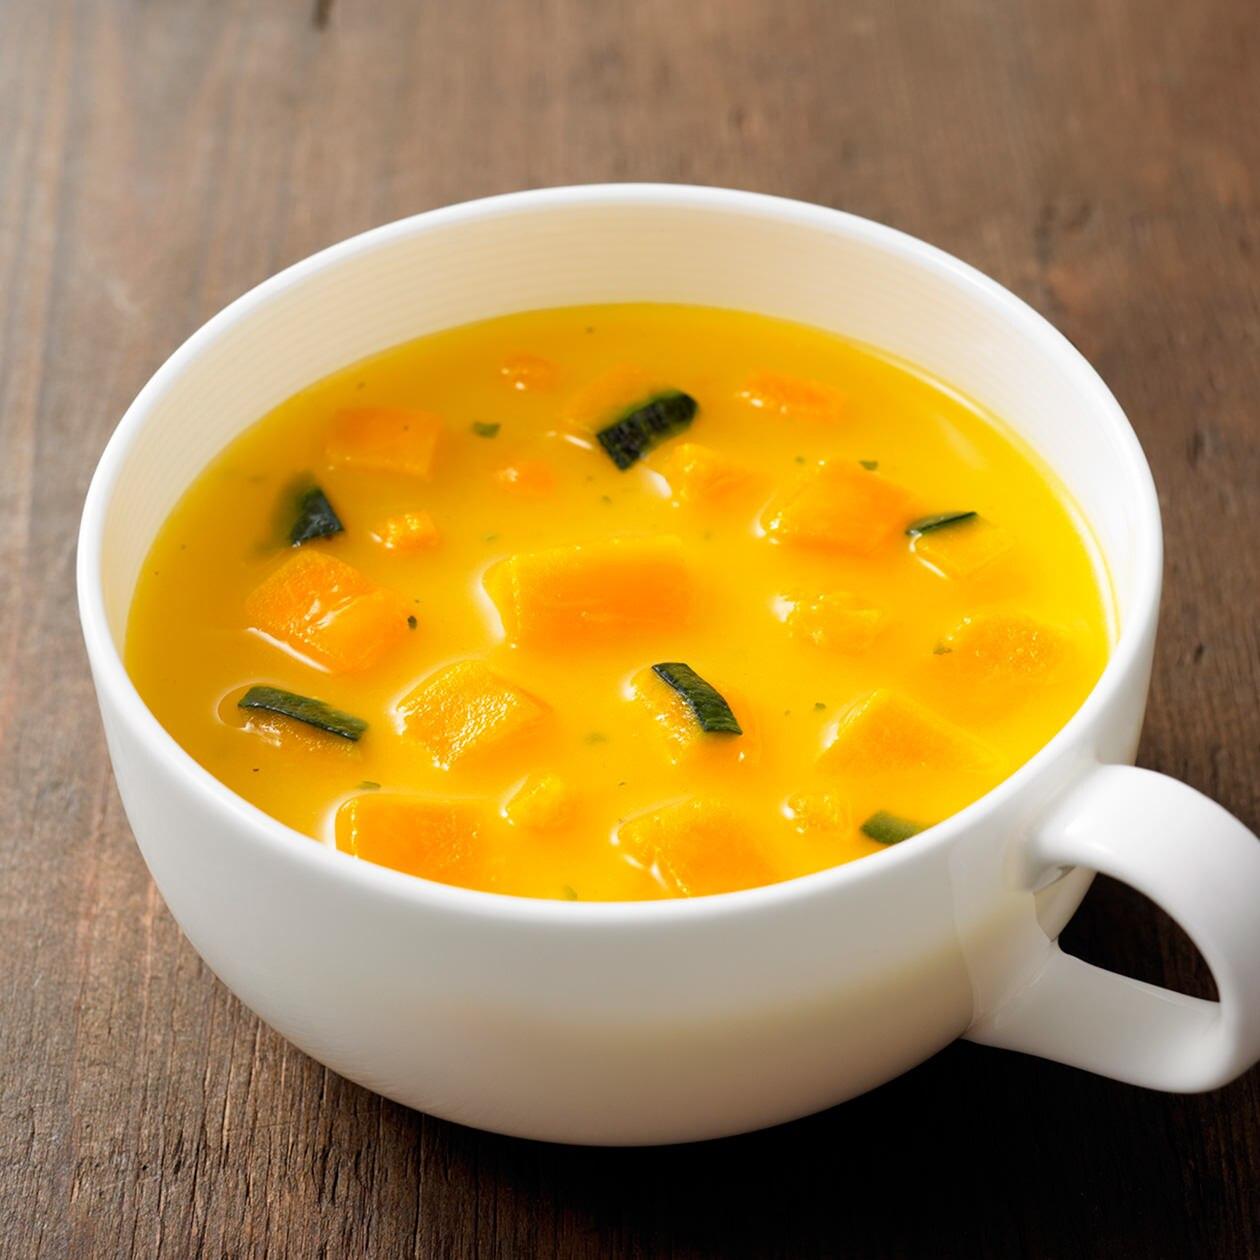 【ネット限定】【まとめ買い】 食べるスープ かぼちゃとさつまいものポタージュ